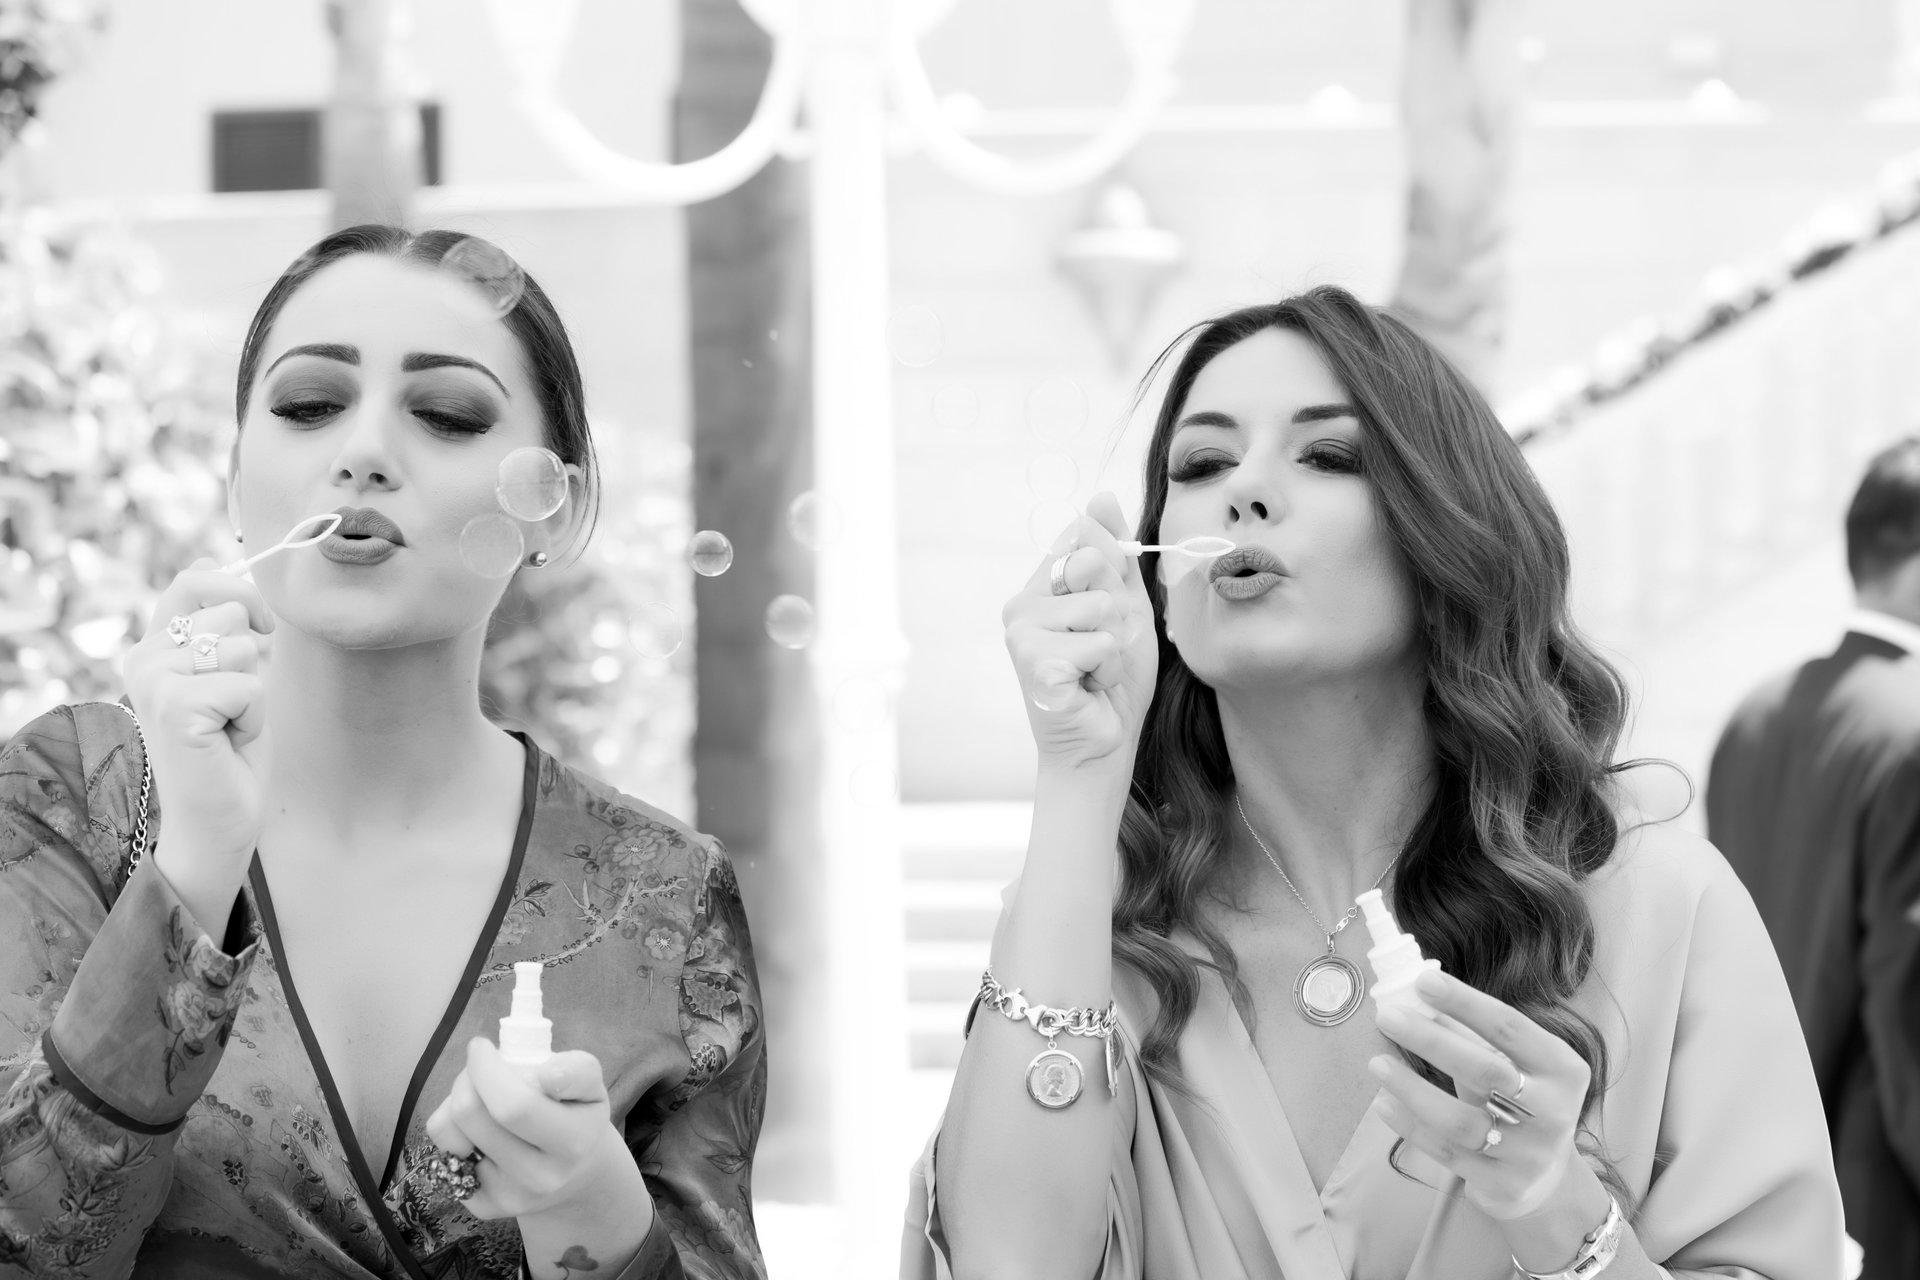 due ragazze che fanno bolle di sapone